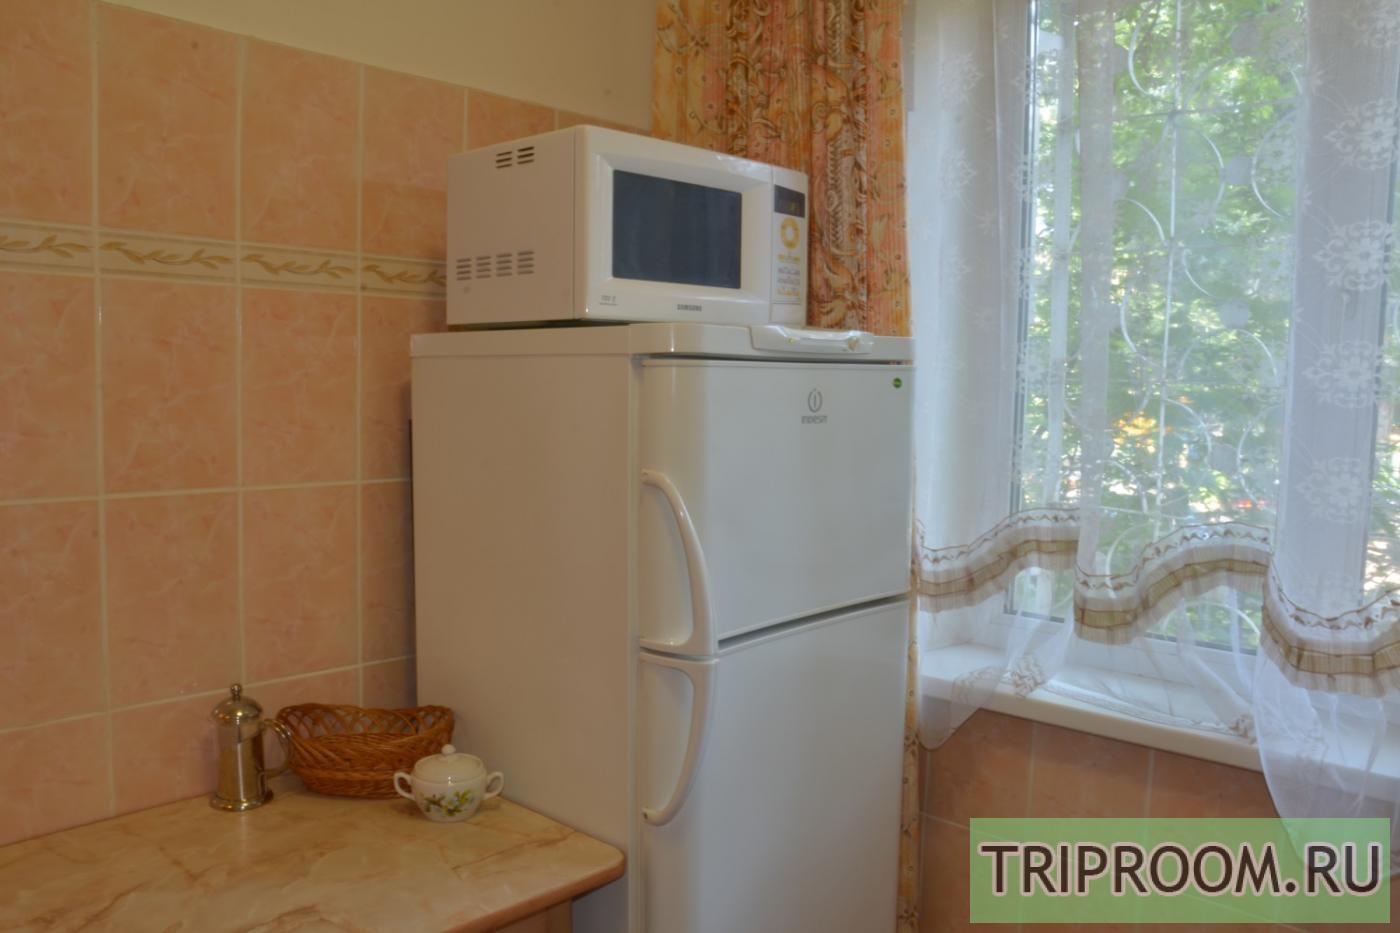 2-комнатная квартира посуточно (вариант № 10577), ул. Тимирязева улица, фото № 7